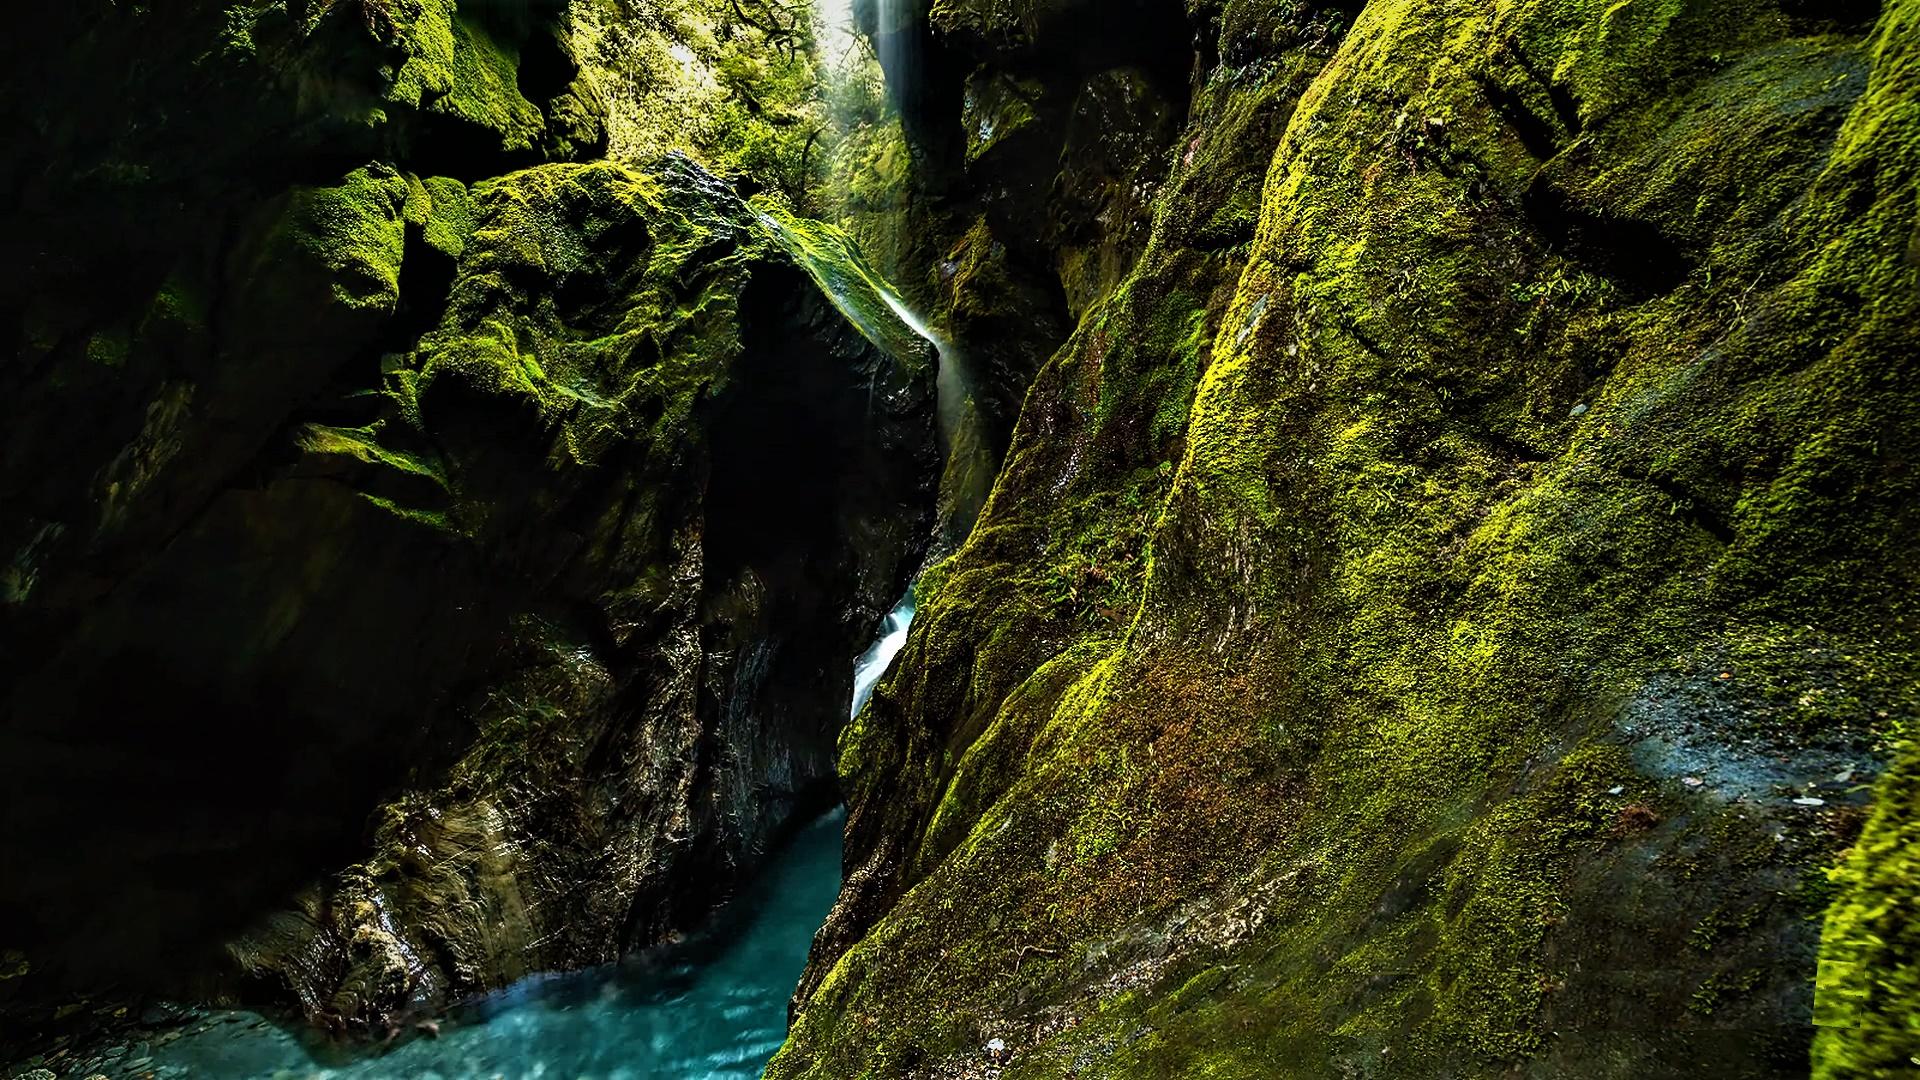 Waterfall among the mossy rocks wallpaper